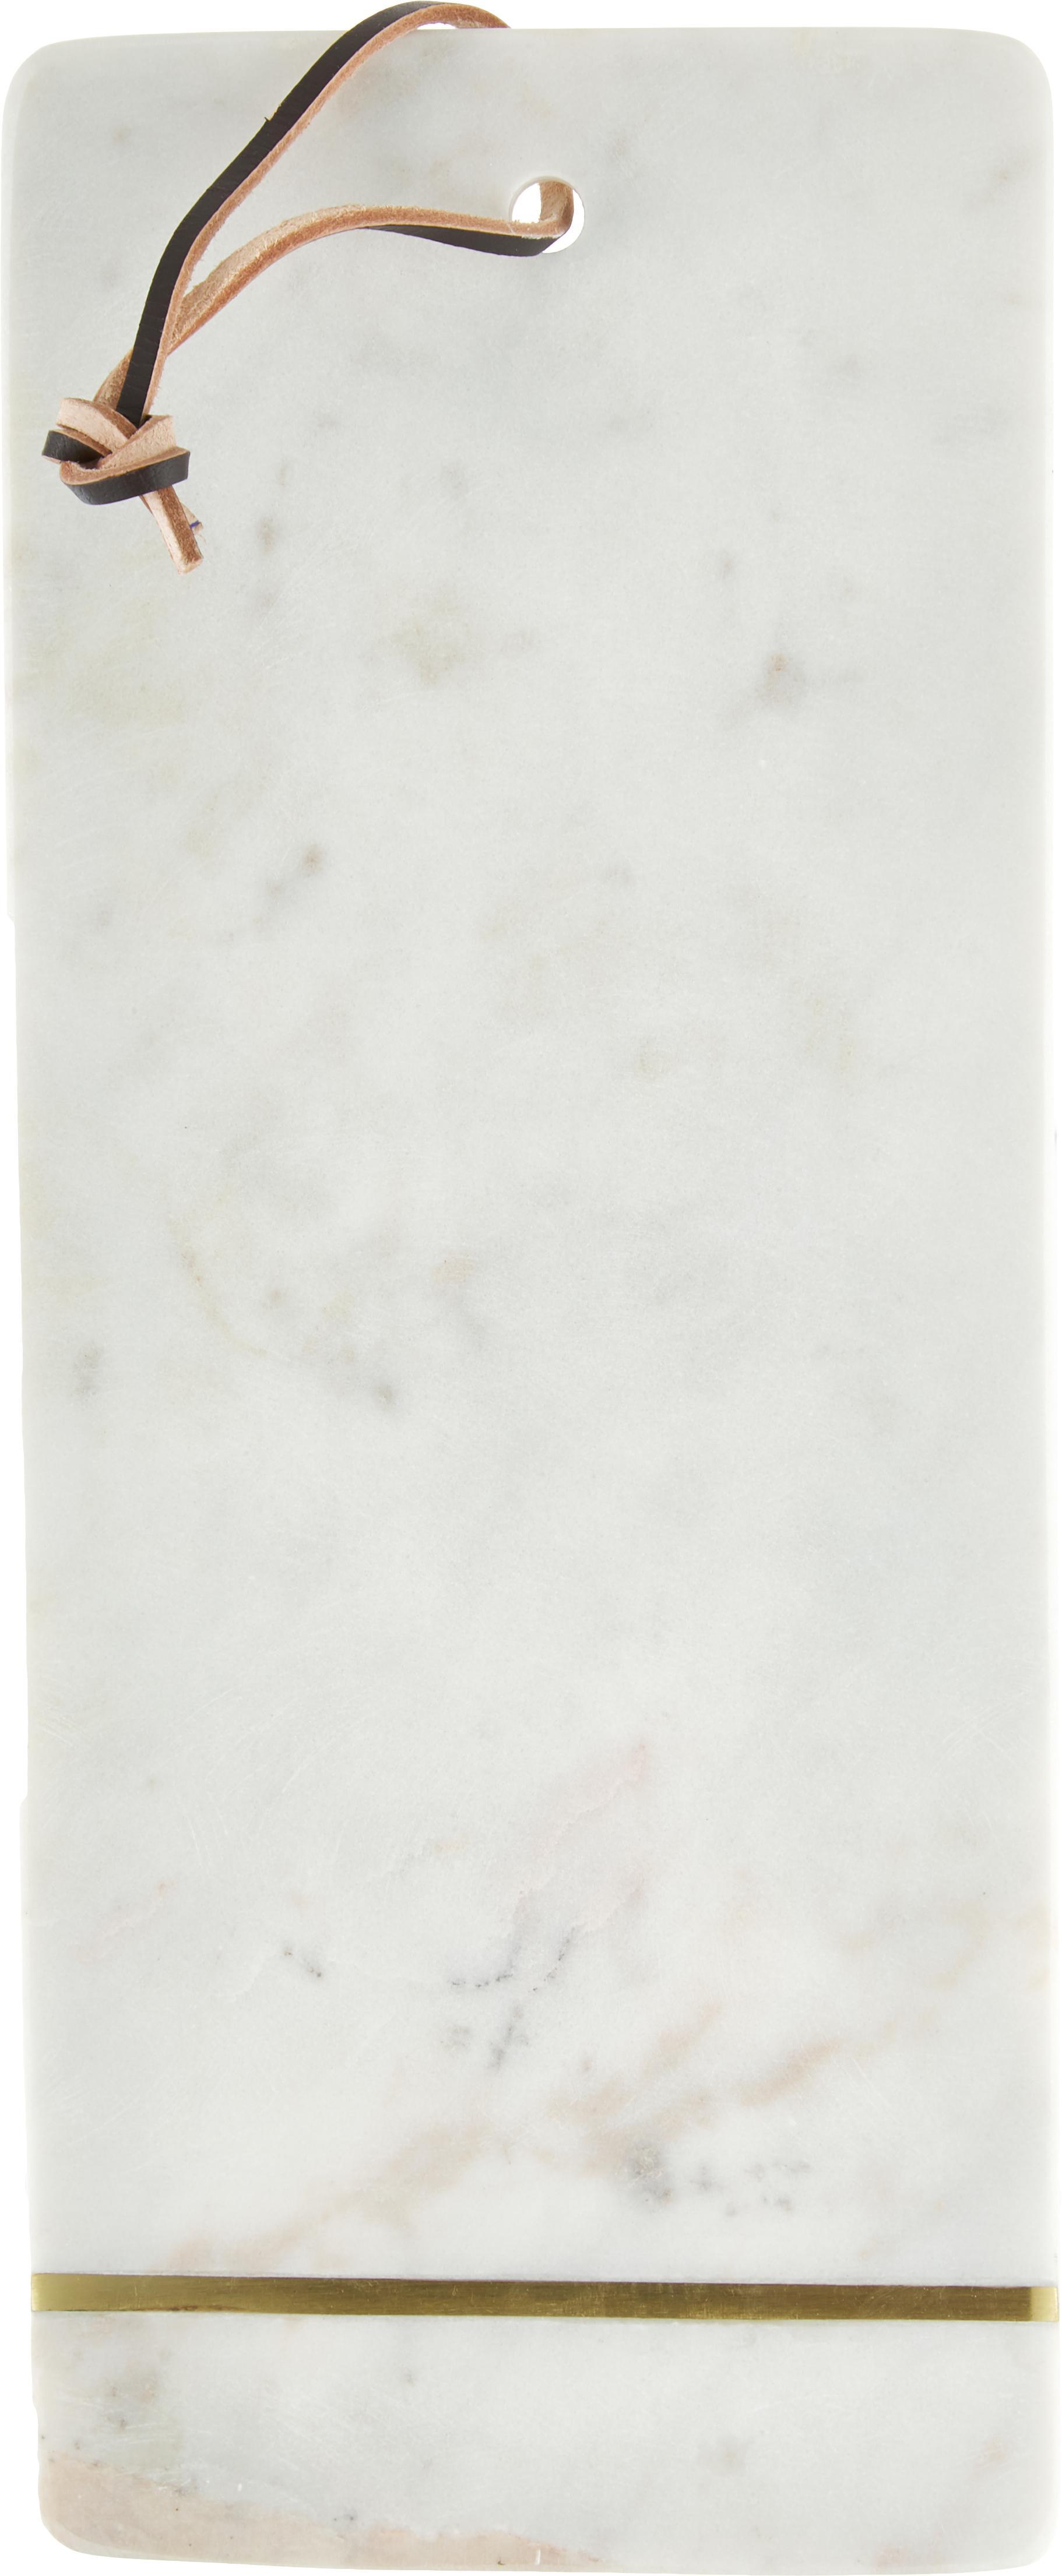 Tagliere in marmo Strip, Bianco, dorato, Larg. 37 x Prof. 15 cm